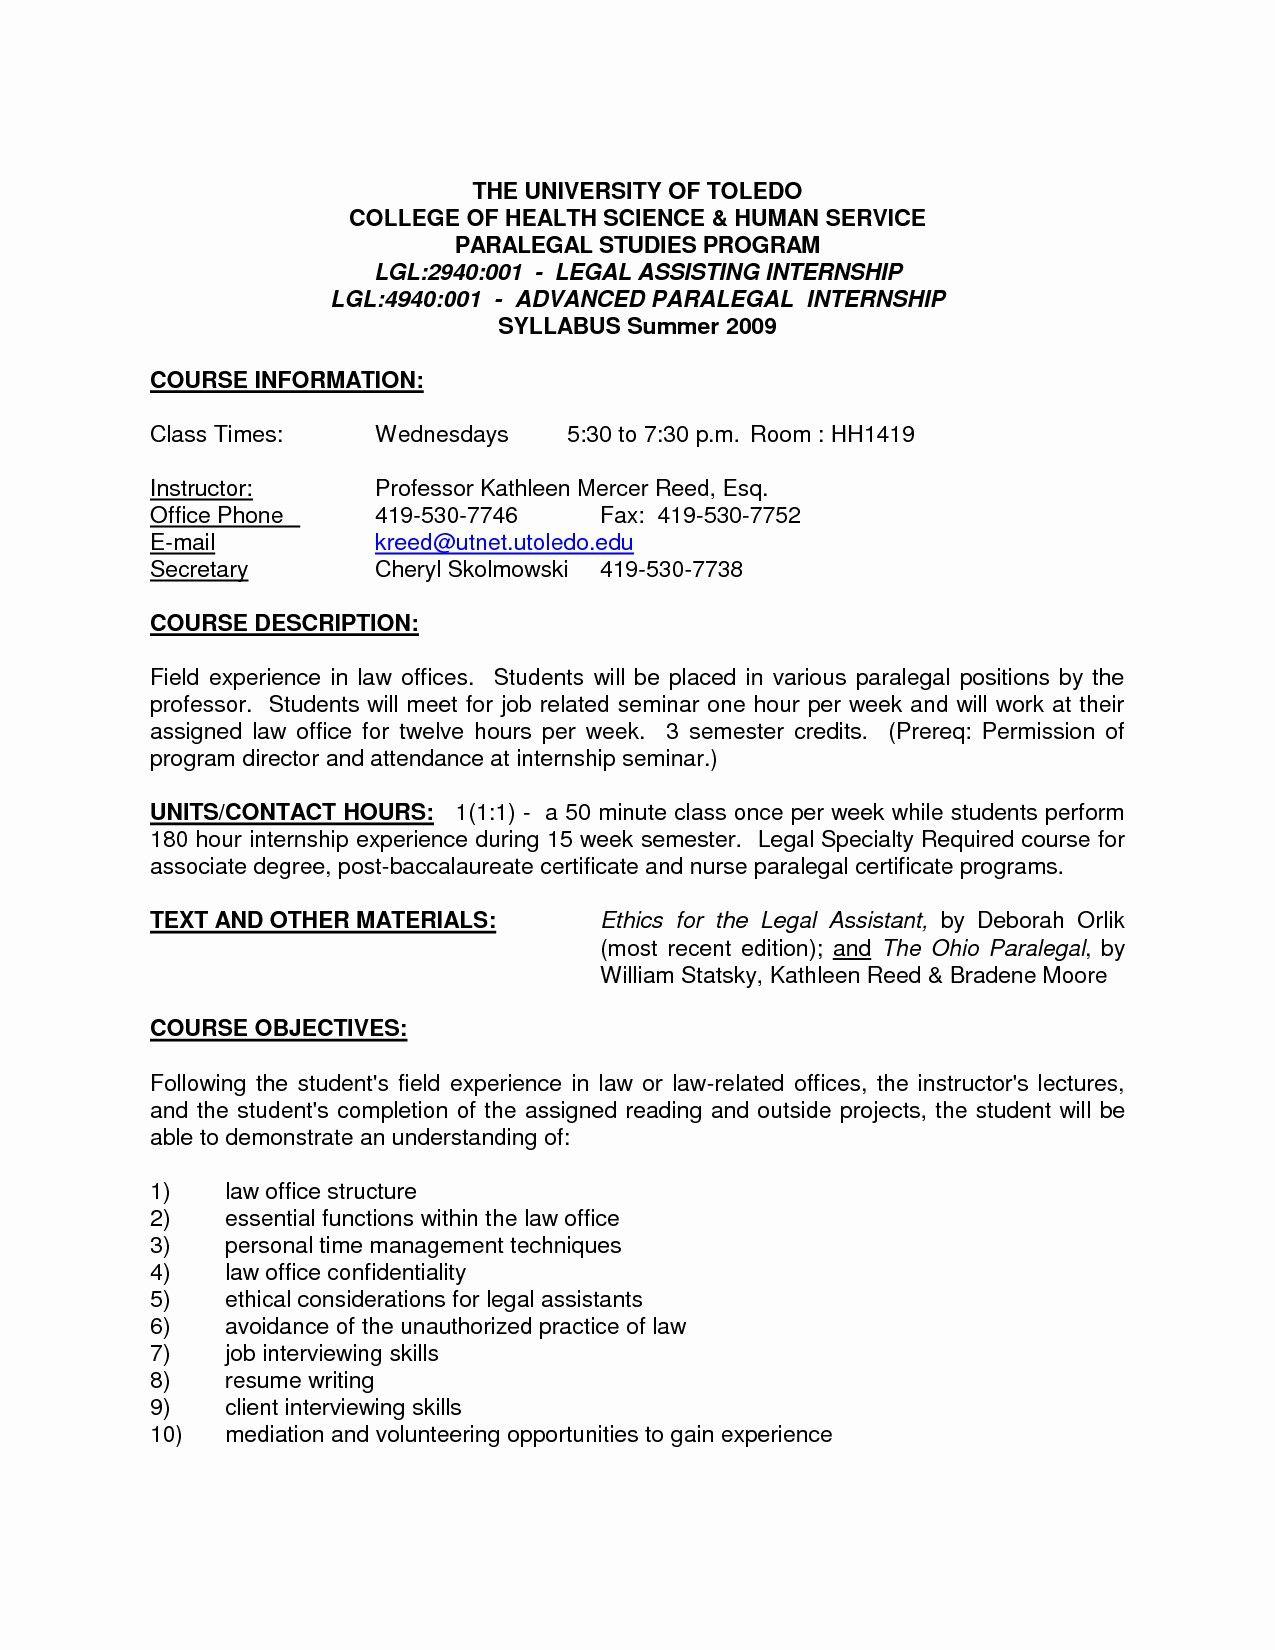 23+ Paralegal Cover Letter Cover letter for resume, Job